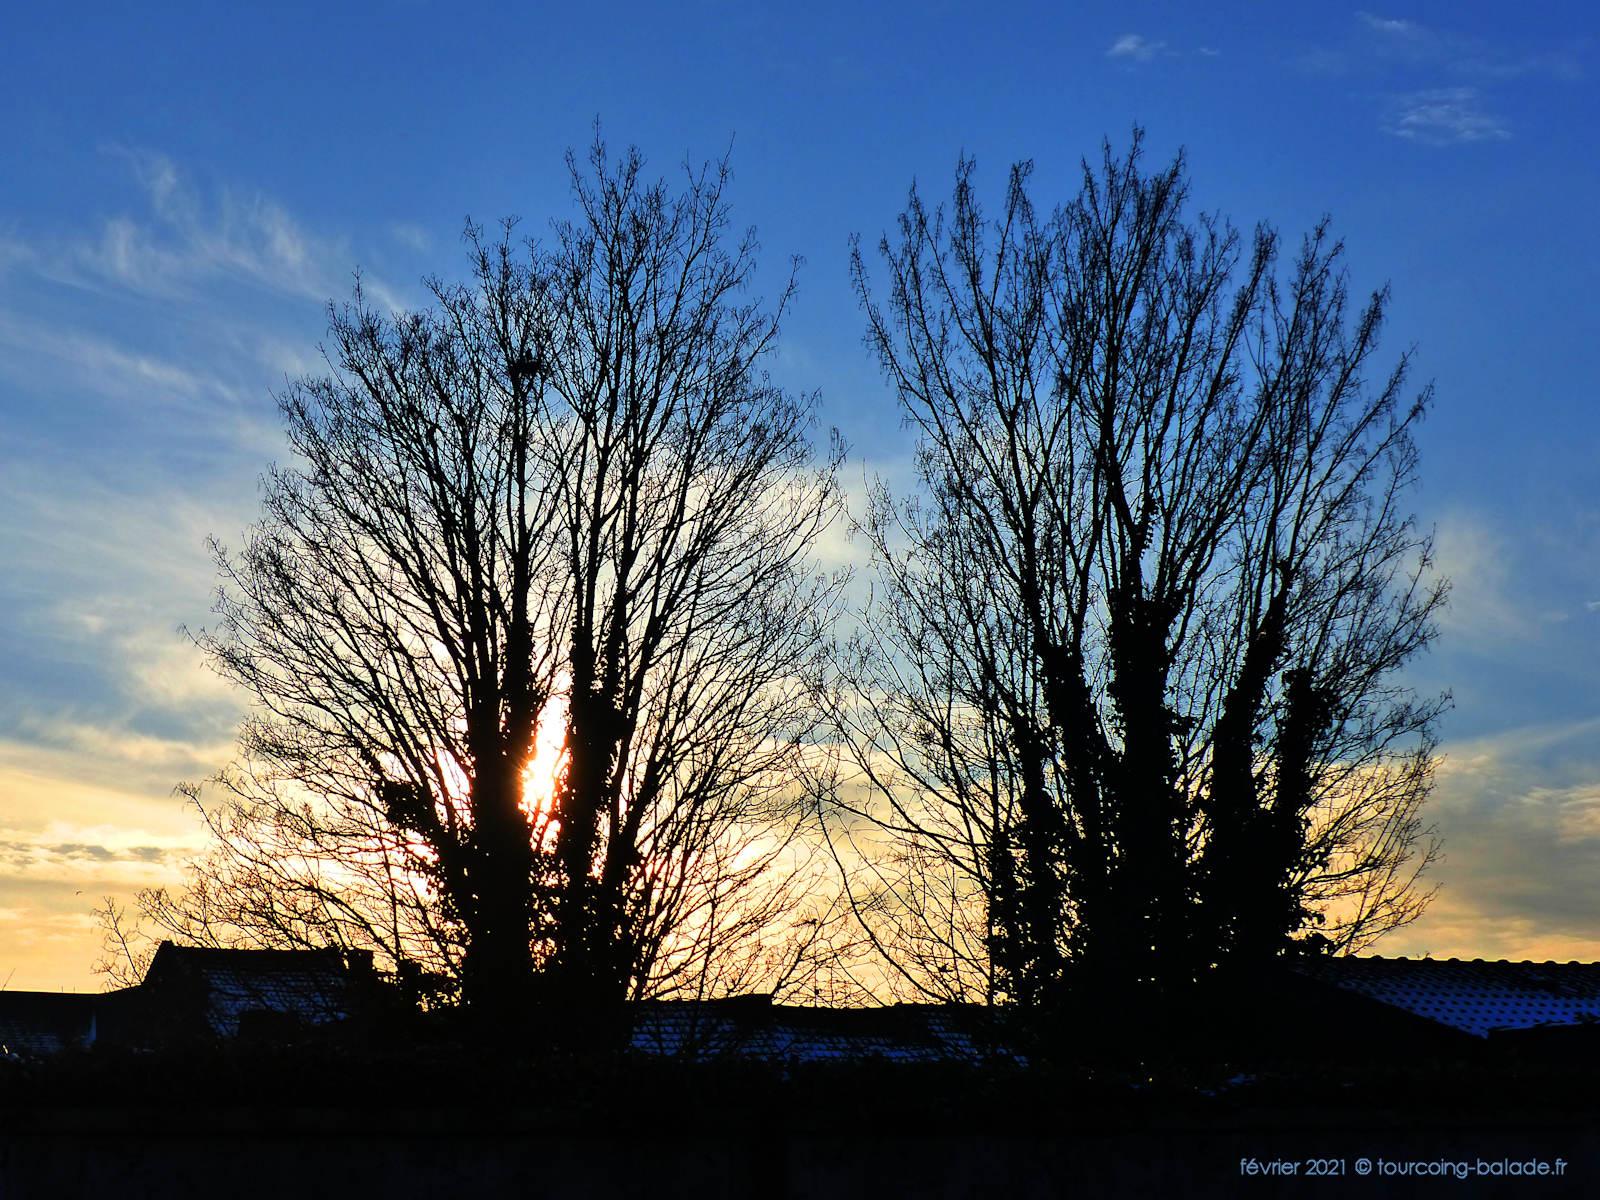 Tourcoing - Ciel d'hiver 2021